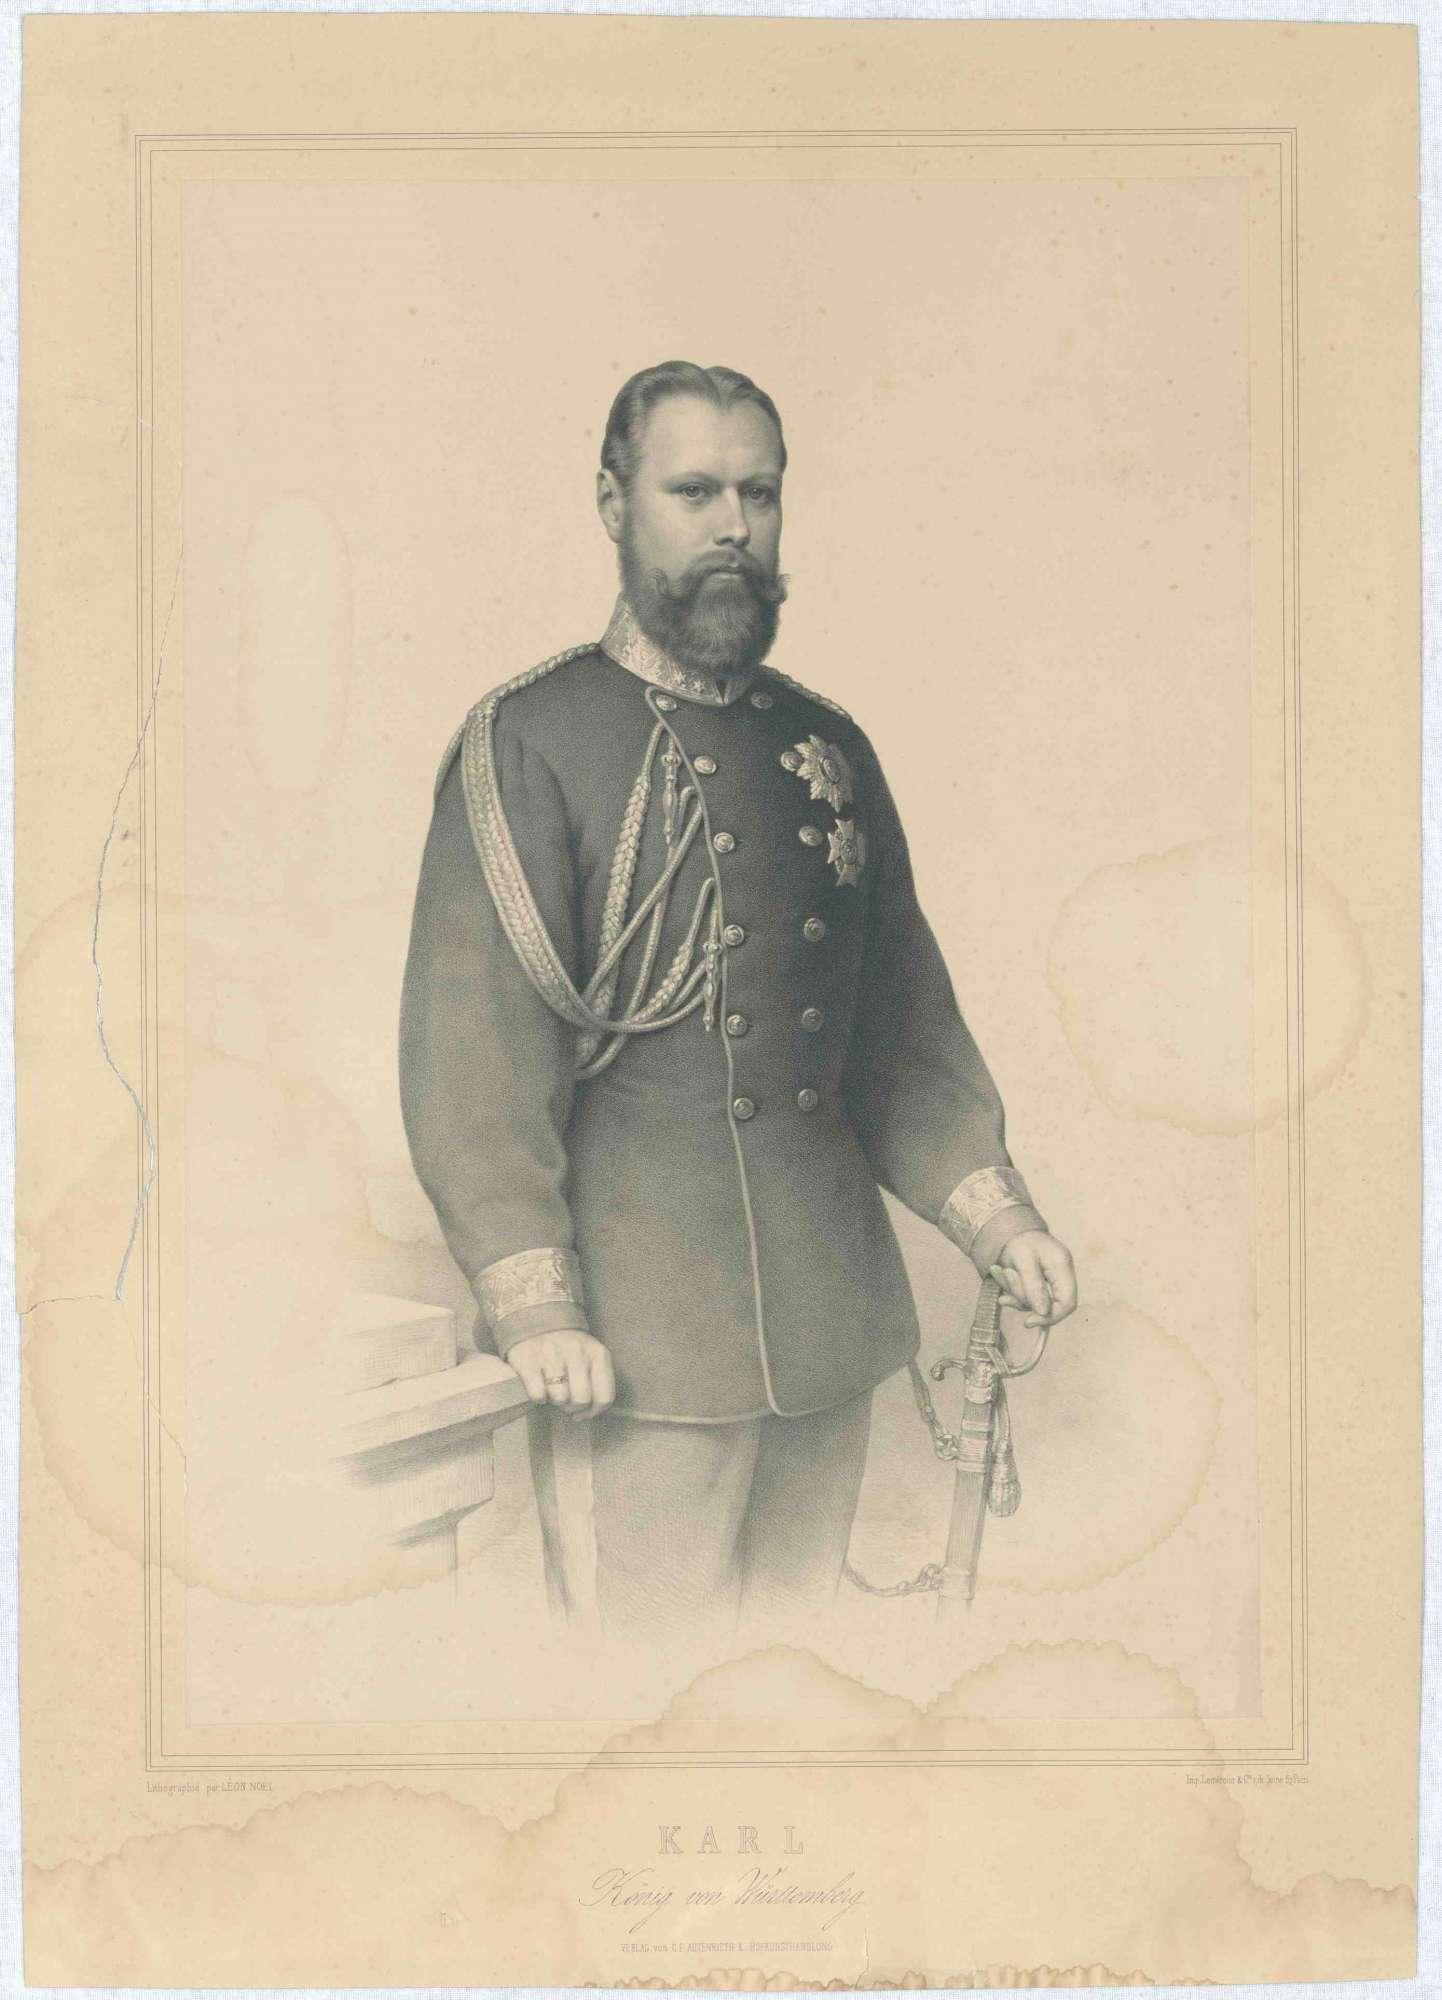 König Karl von Württemberg in Uniform mit Orden, stehend, Brustbild in Halbprofil, Bild 1